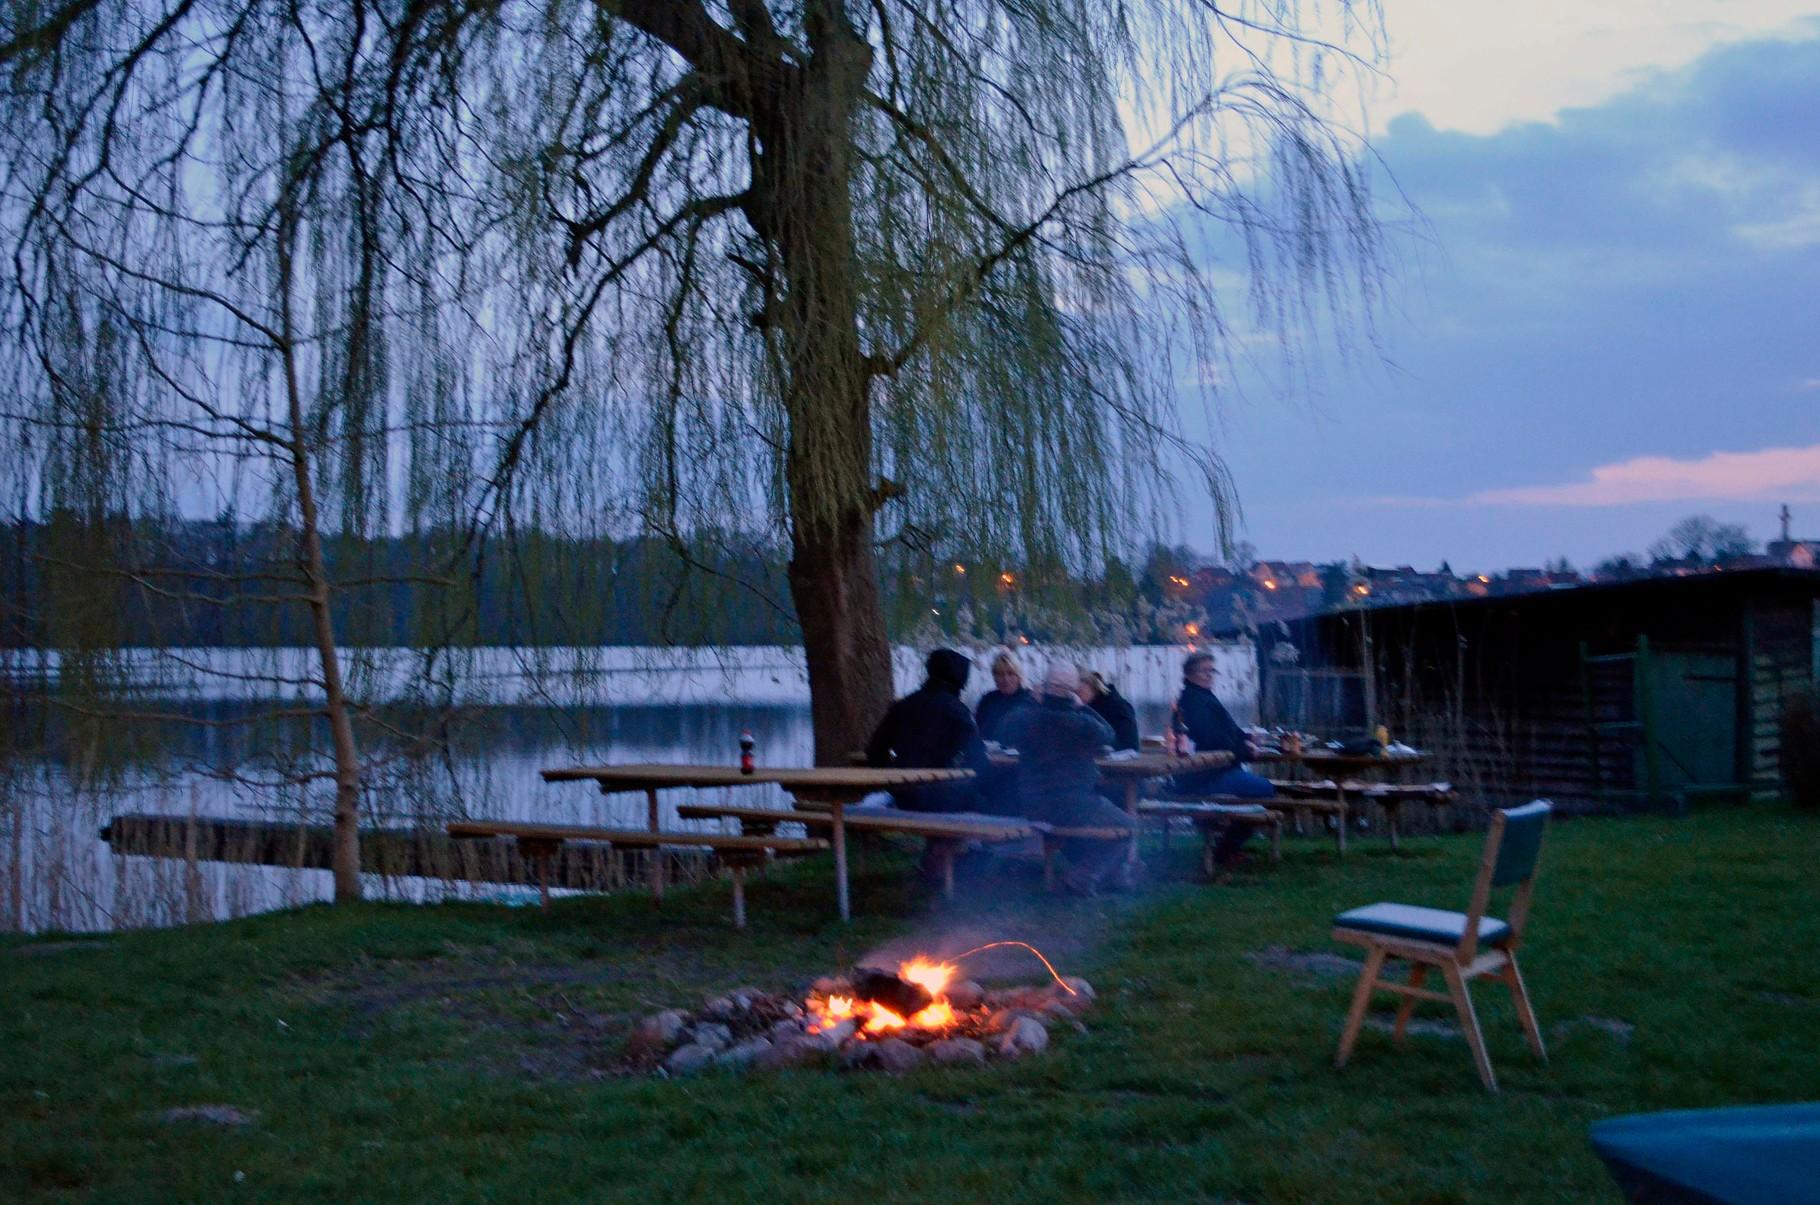 und wir beenden den Tag gemütlich am Lagerfeuer.